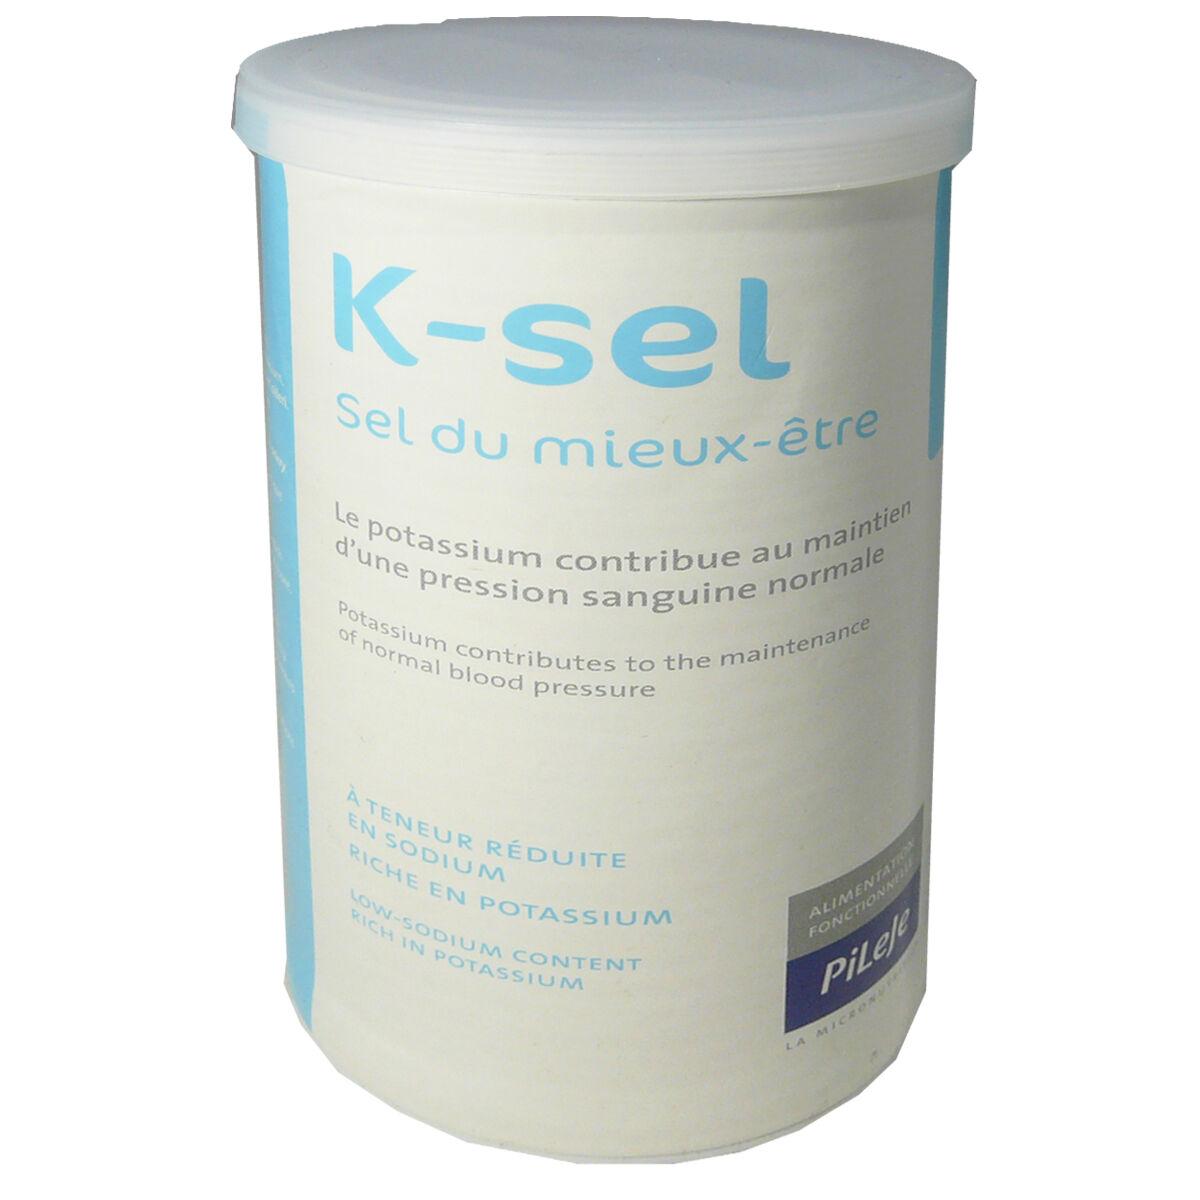 PILEJE K-sel riche en potassium 250 g